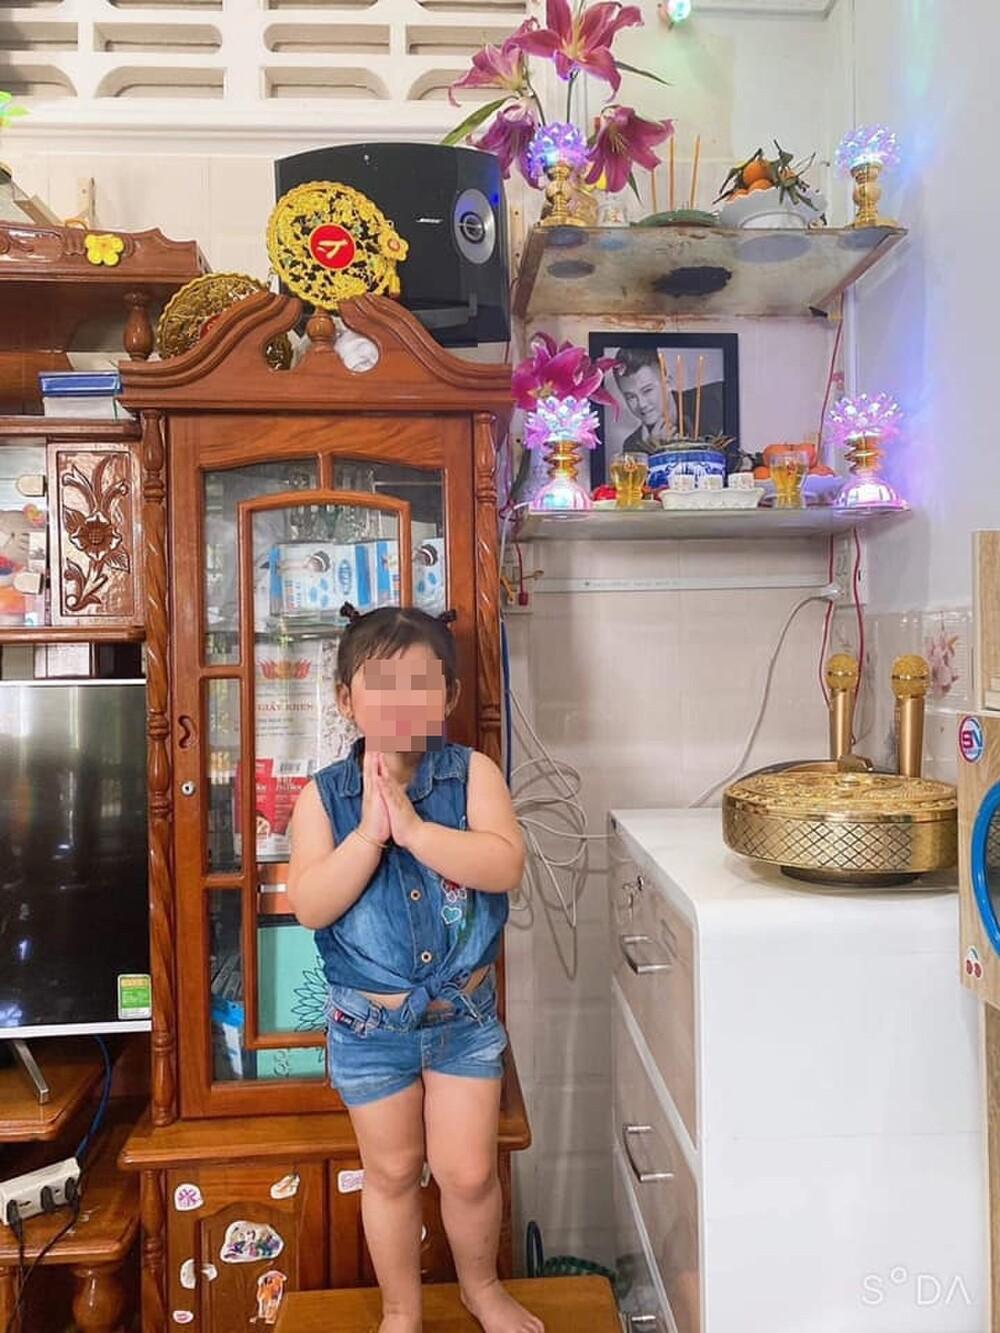 6-pham-thanh-thao-nghi-ngo-con-linh-lan-khong-phai-con-van-quang-long-1617867514.jpg